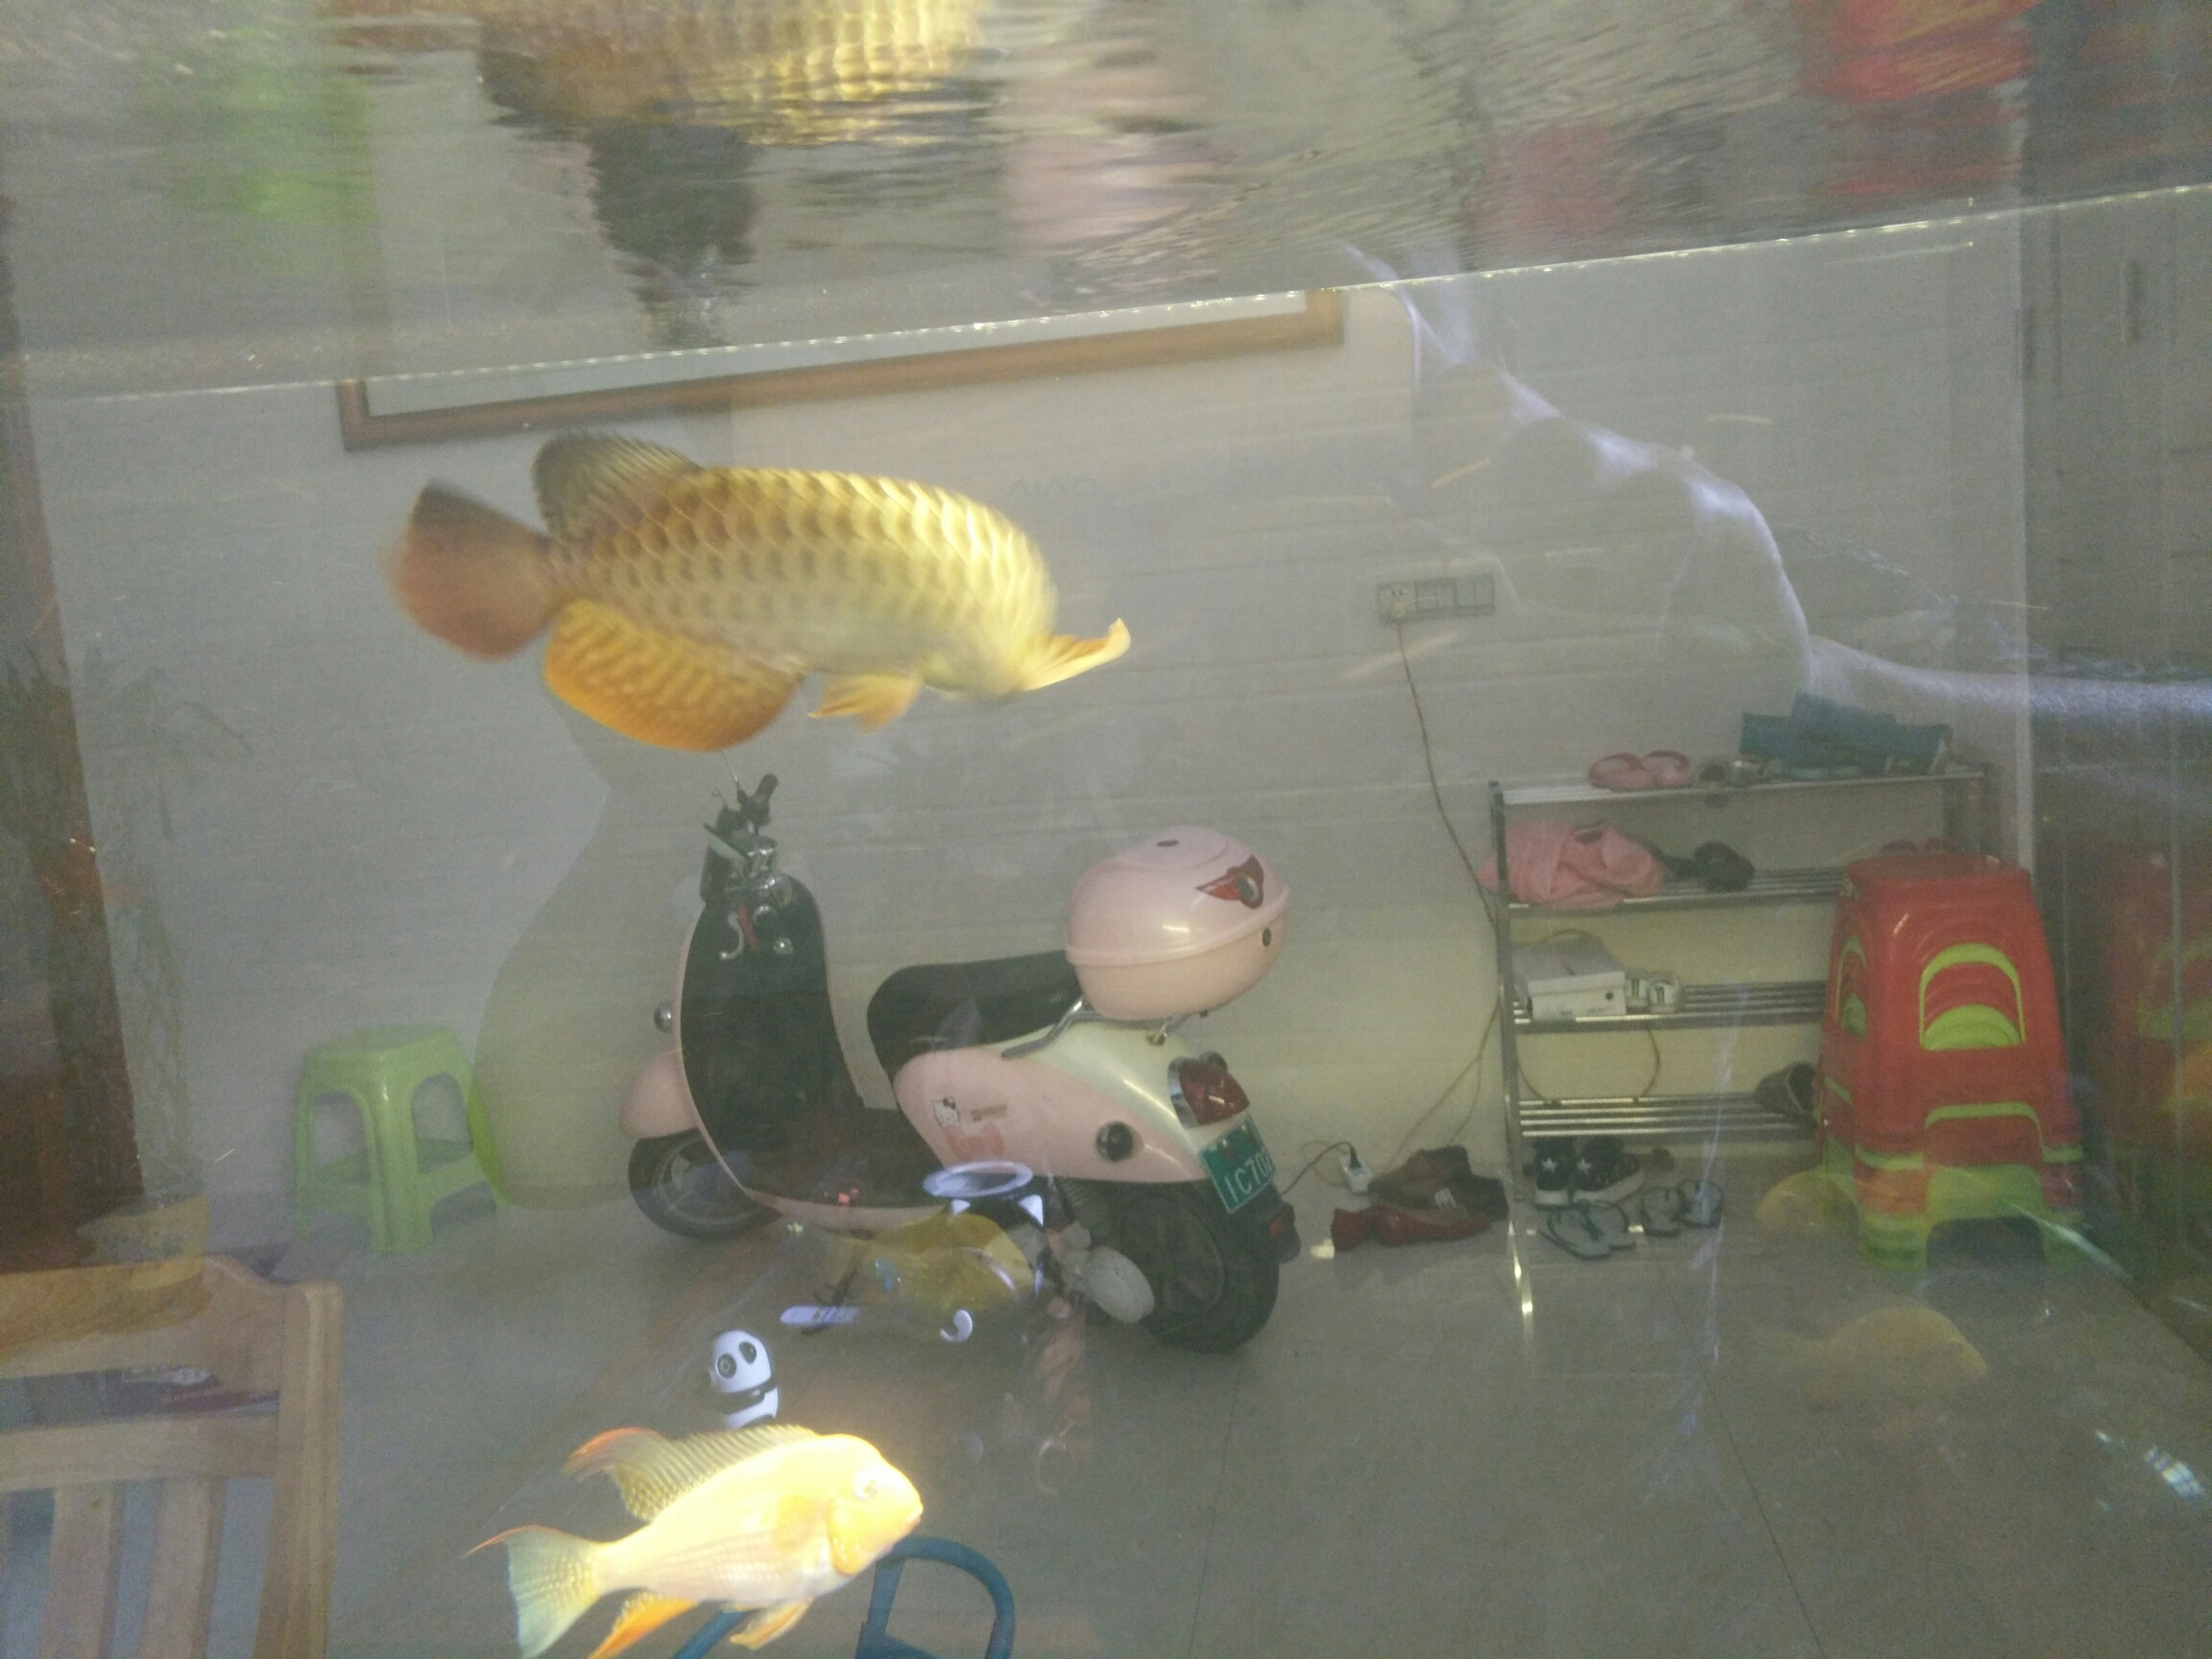 北京台湾蝴蝶鲤一个月了放出来晒晒 北京观赏鱼 北京龙鱼第6张